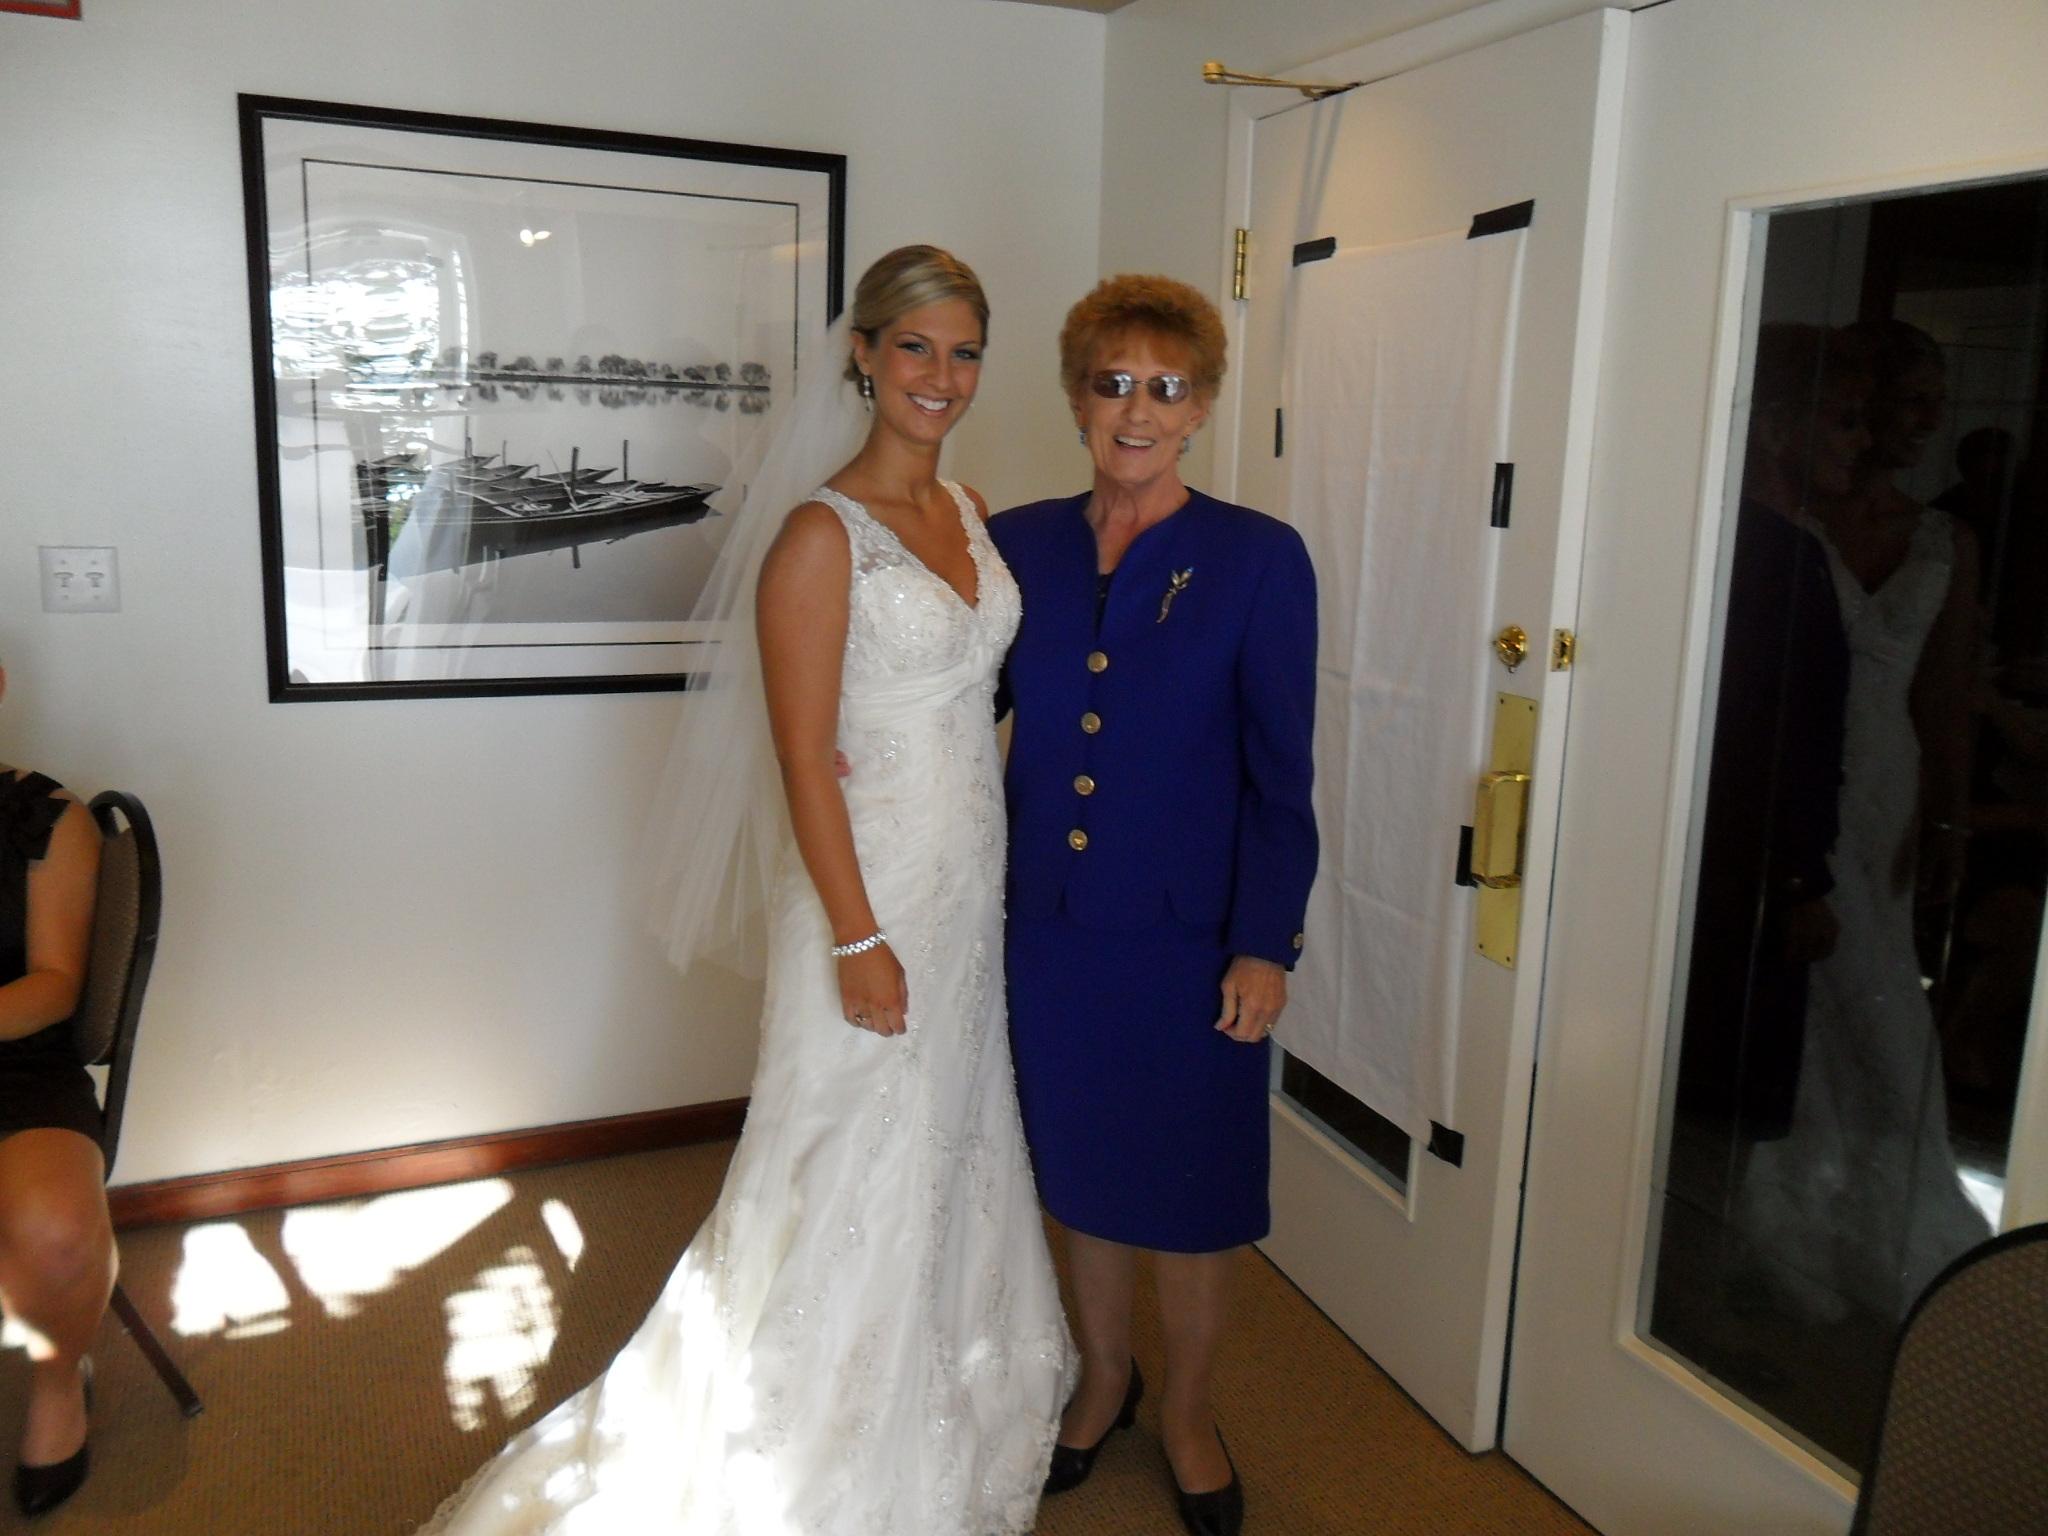 Wedding Dresses, Veils, Lace Wedding Dresses, Destinations, Fashion, ivory, dress, Australia, Veil, Of, Lace, Straps, 8, Essence, D988